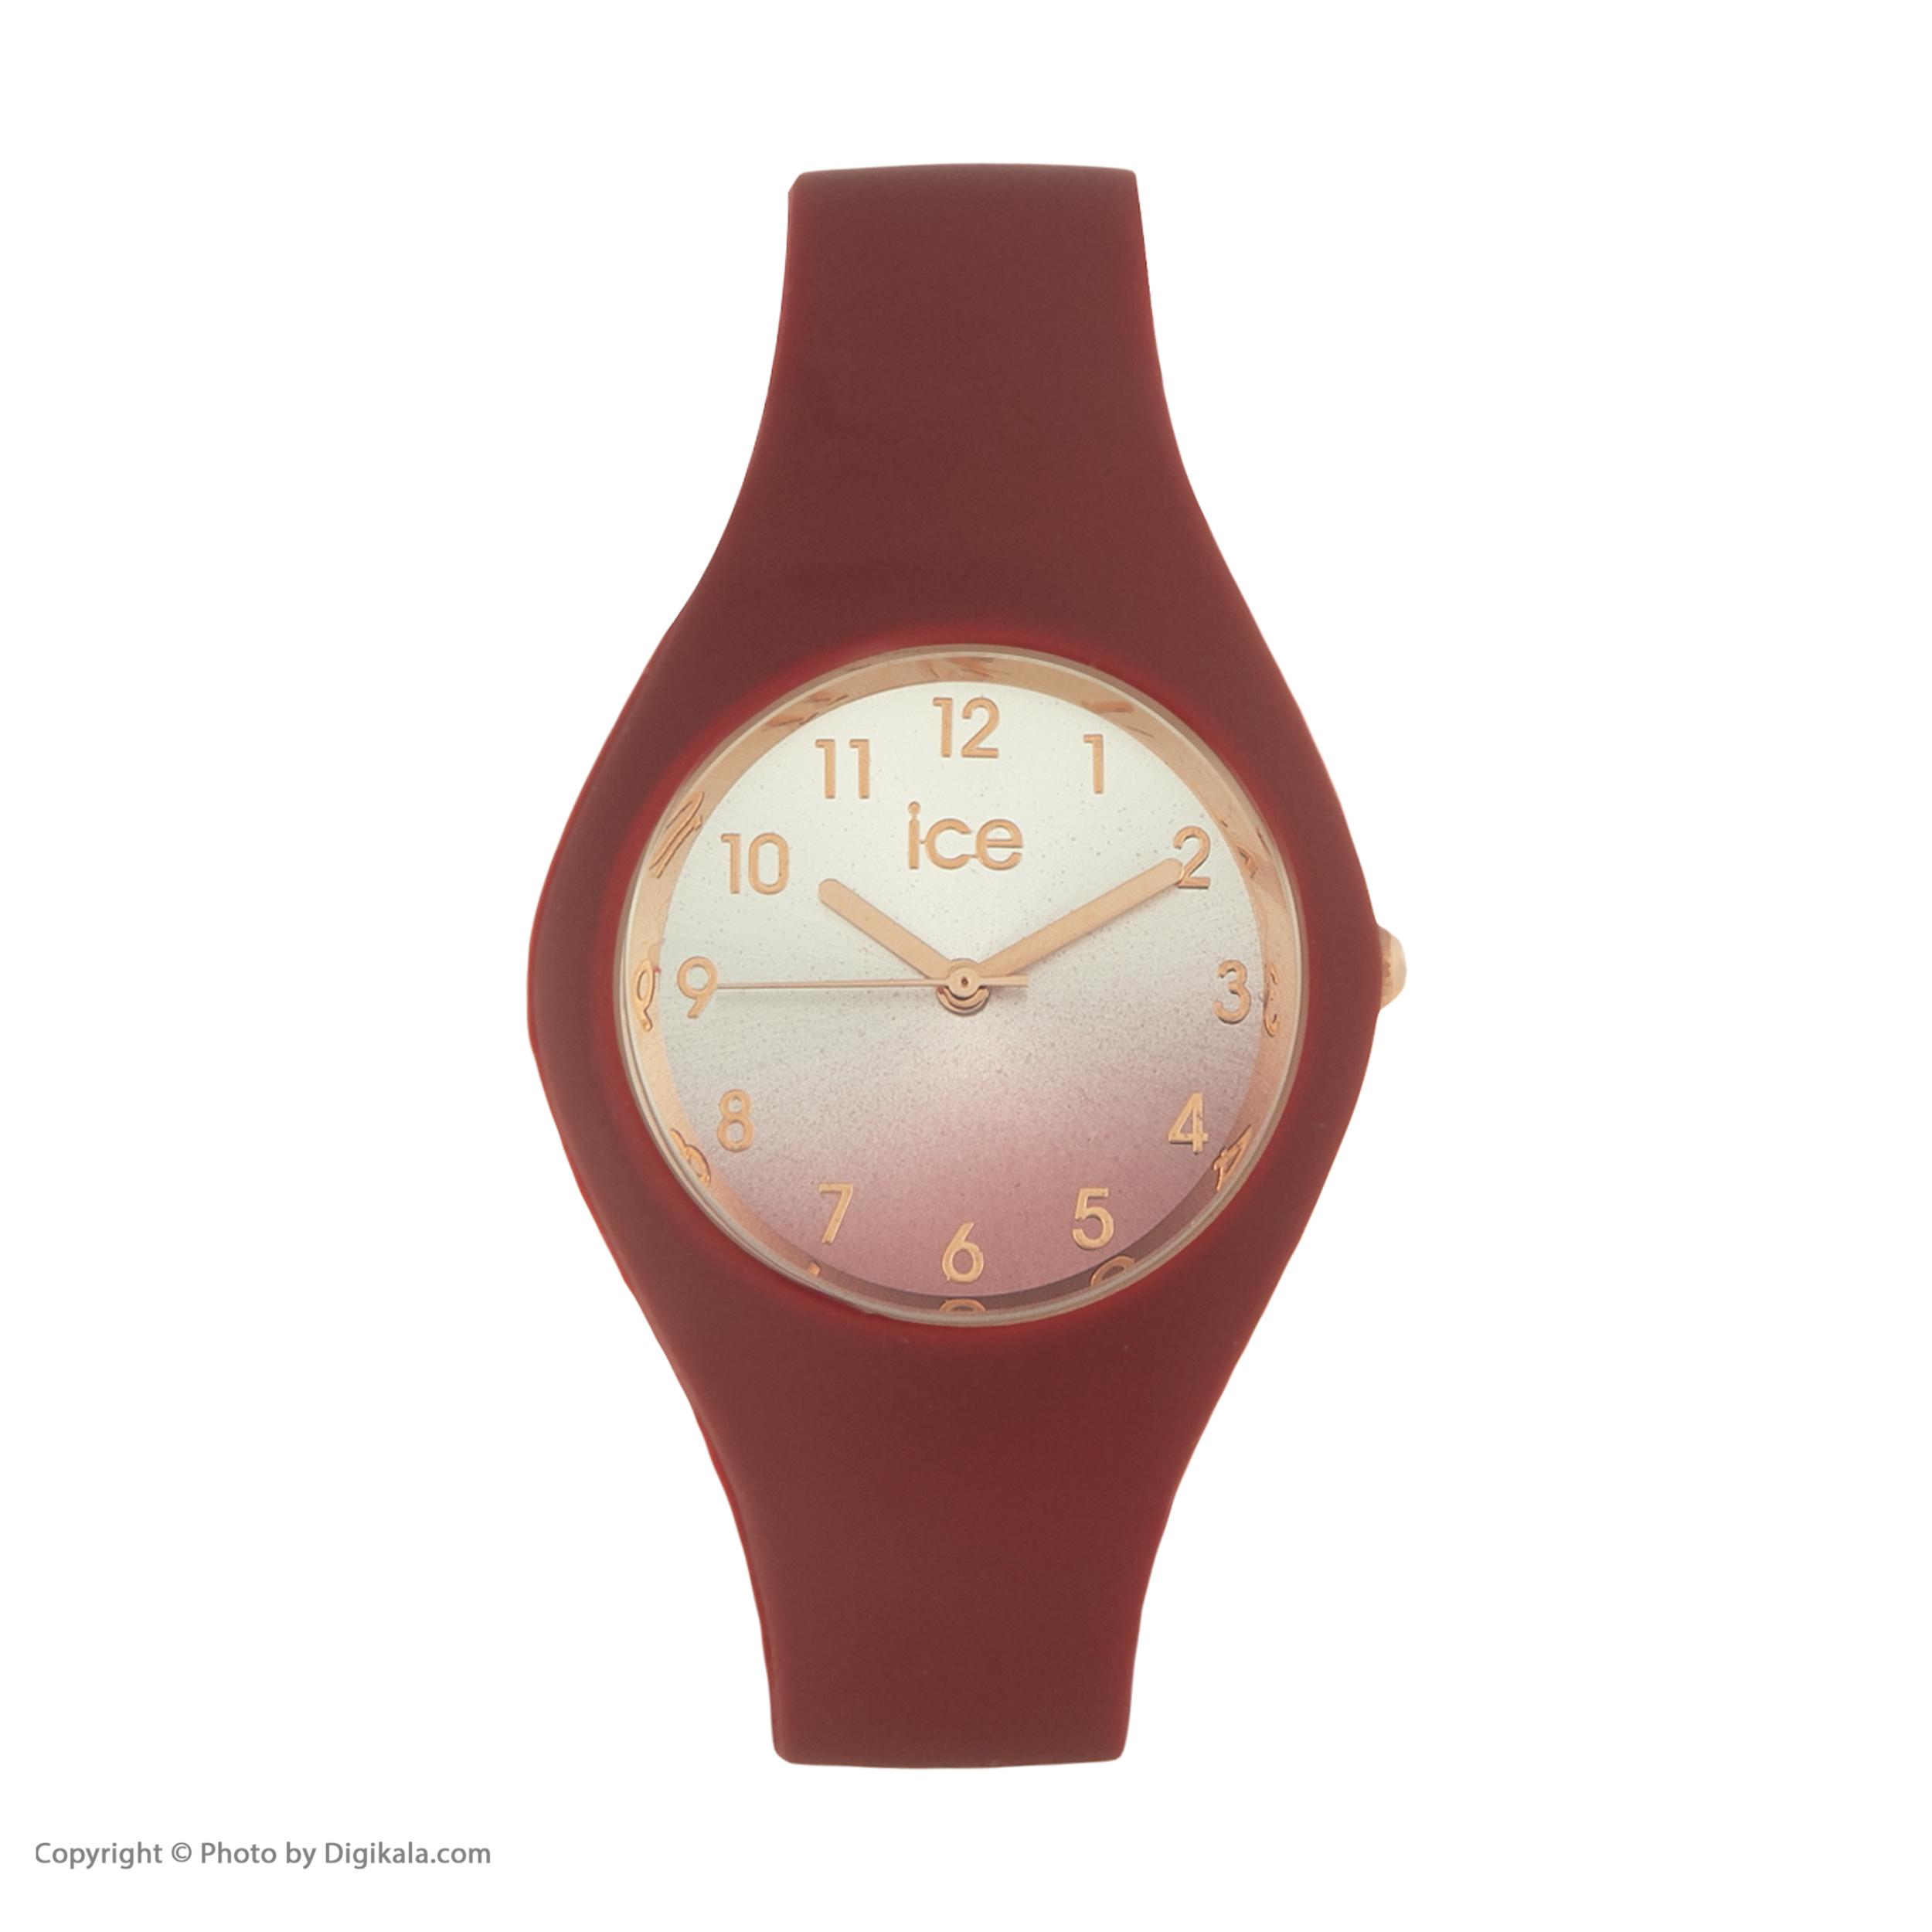 خرید                                       ساعت مچی عقربه ای زنانه کد 008                     غیر اصل